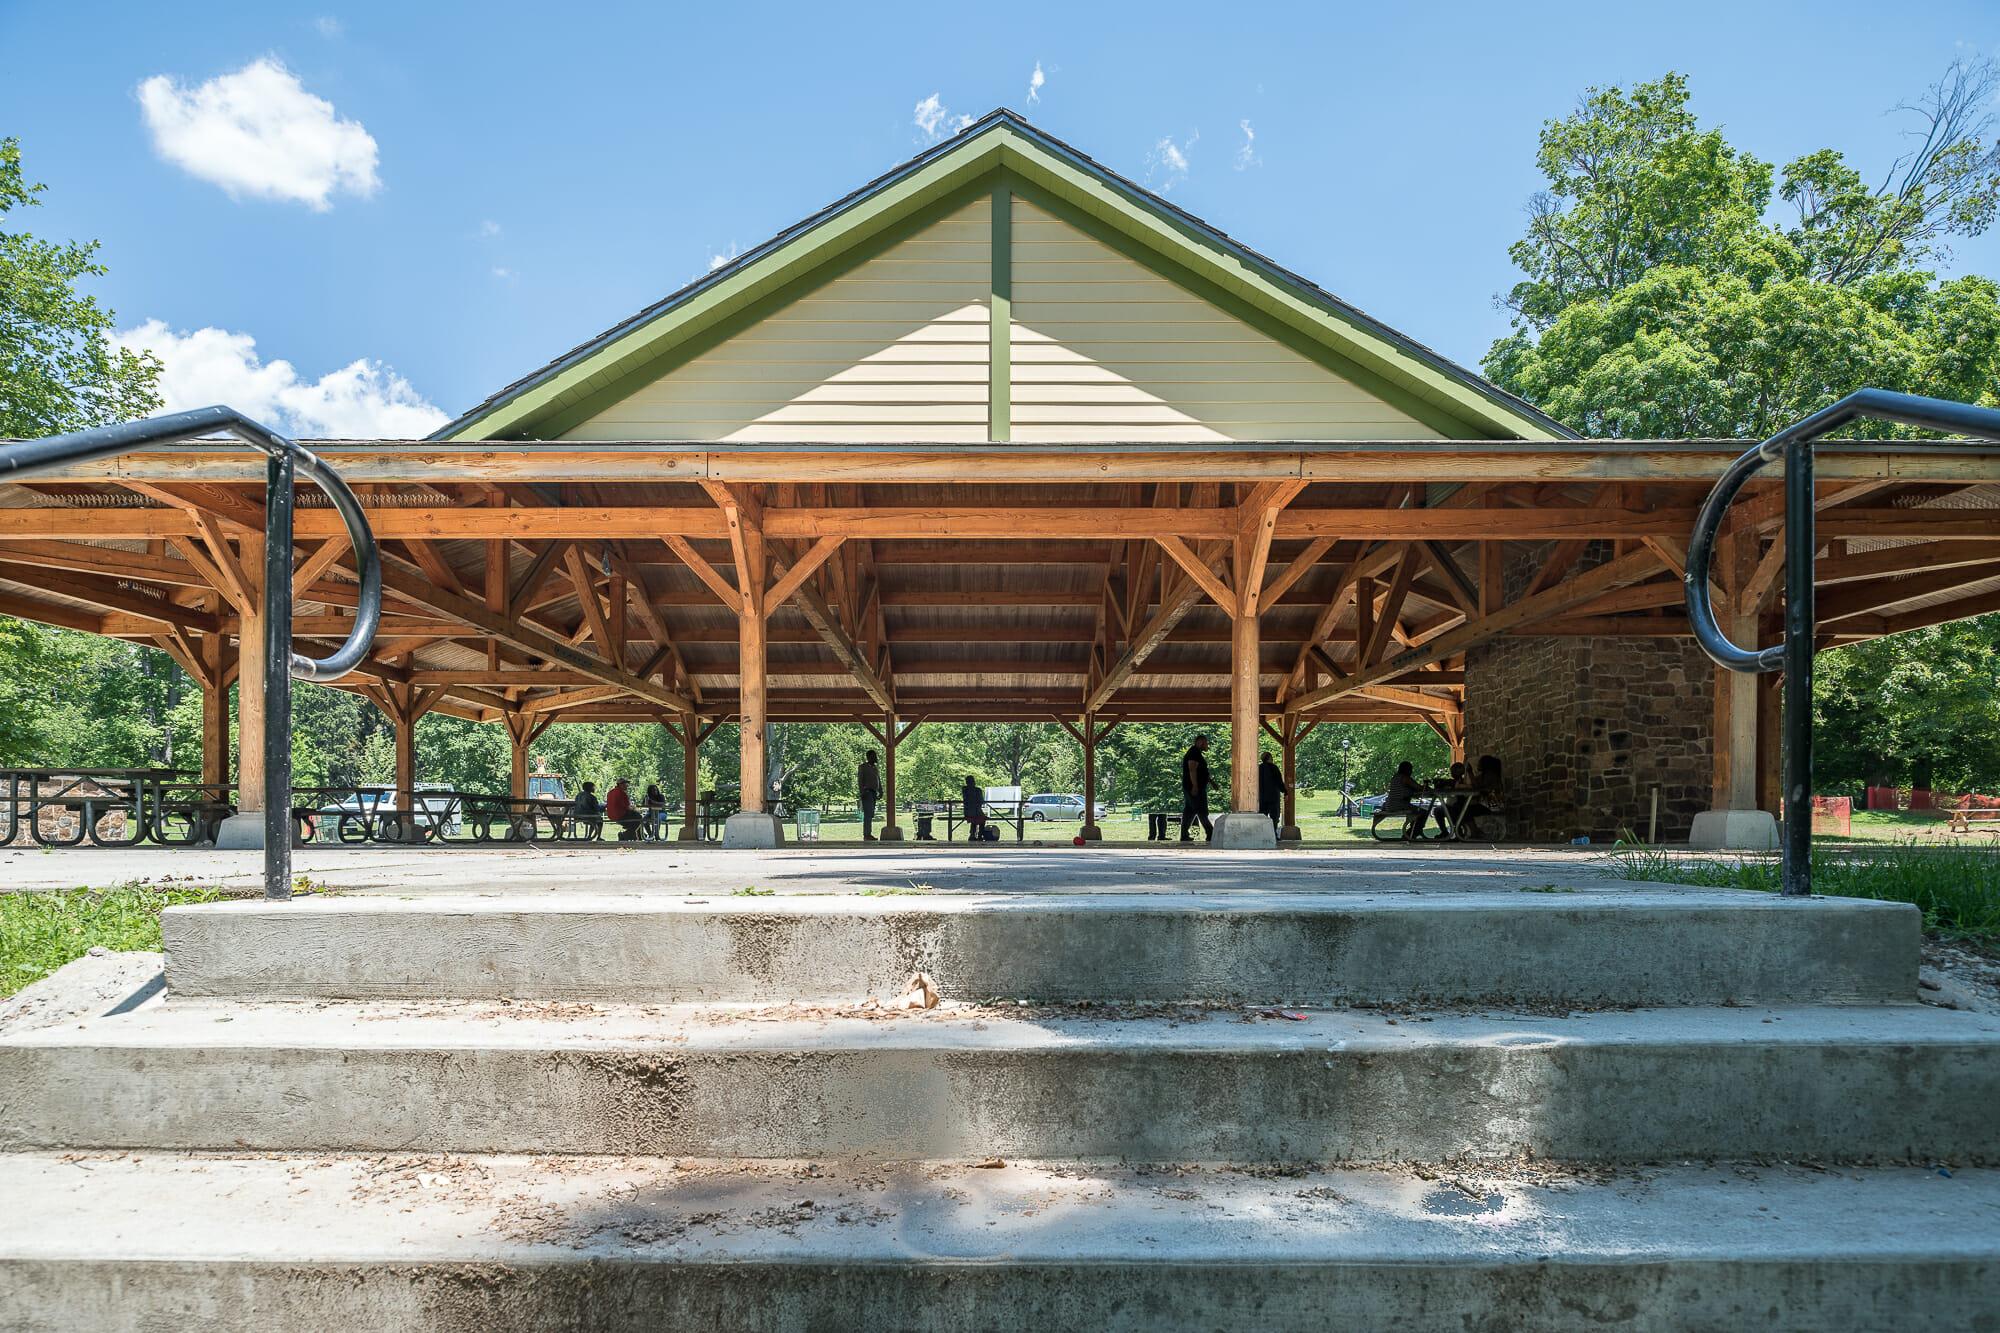 Cadwalader Park Douglas Fir Pavilion